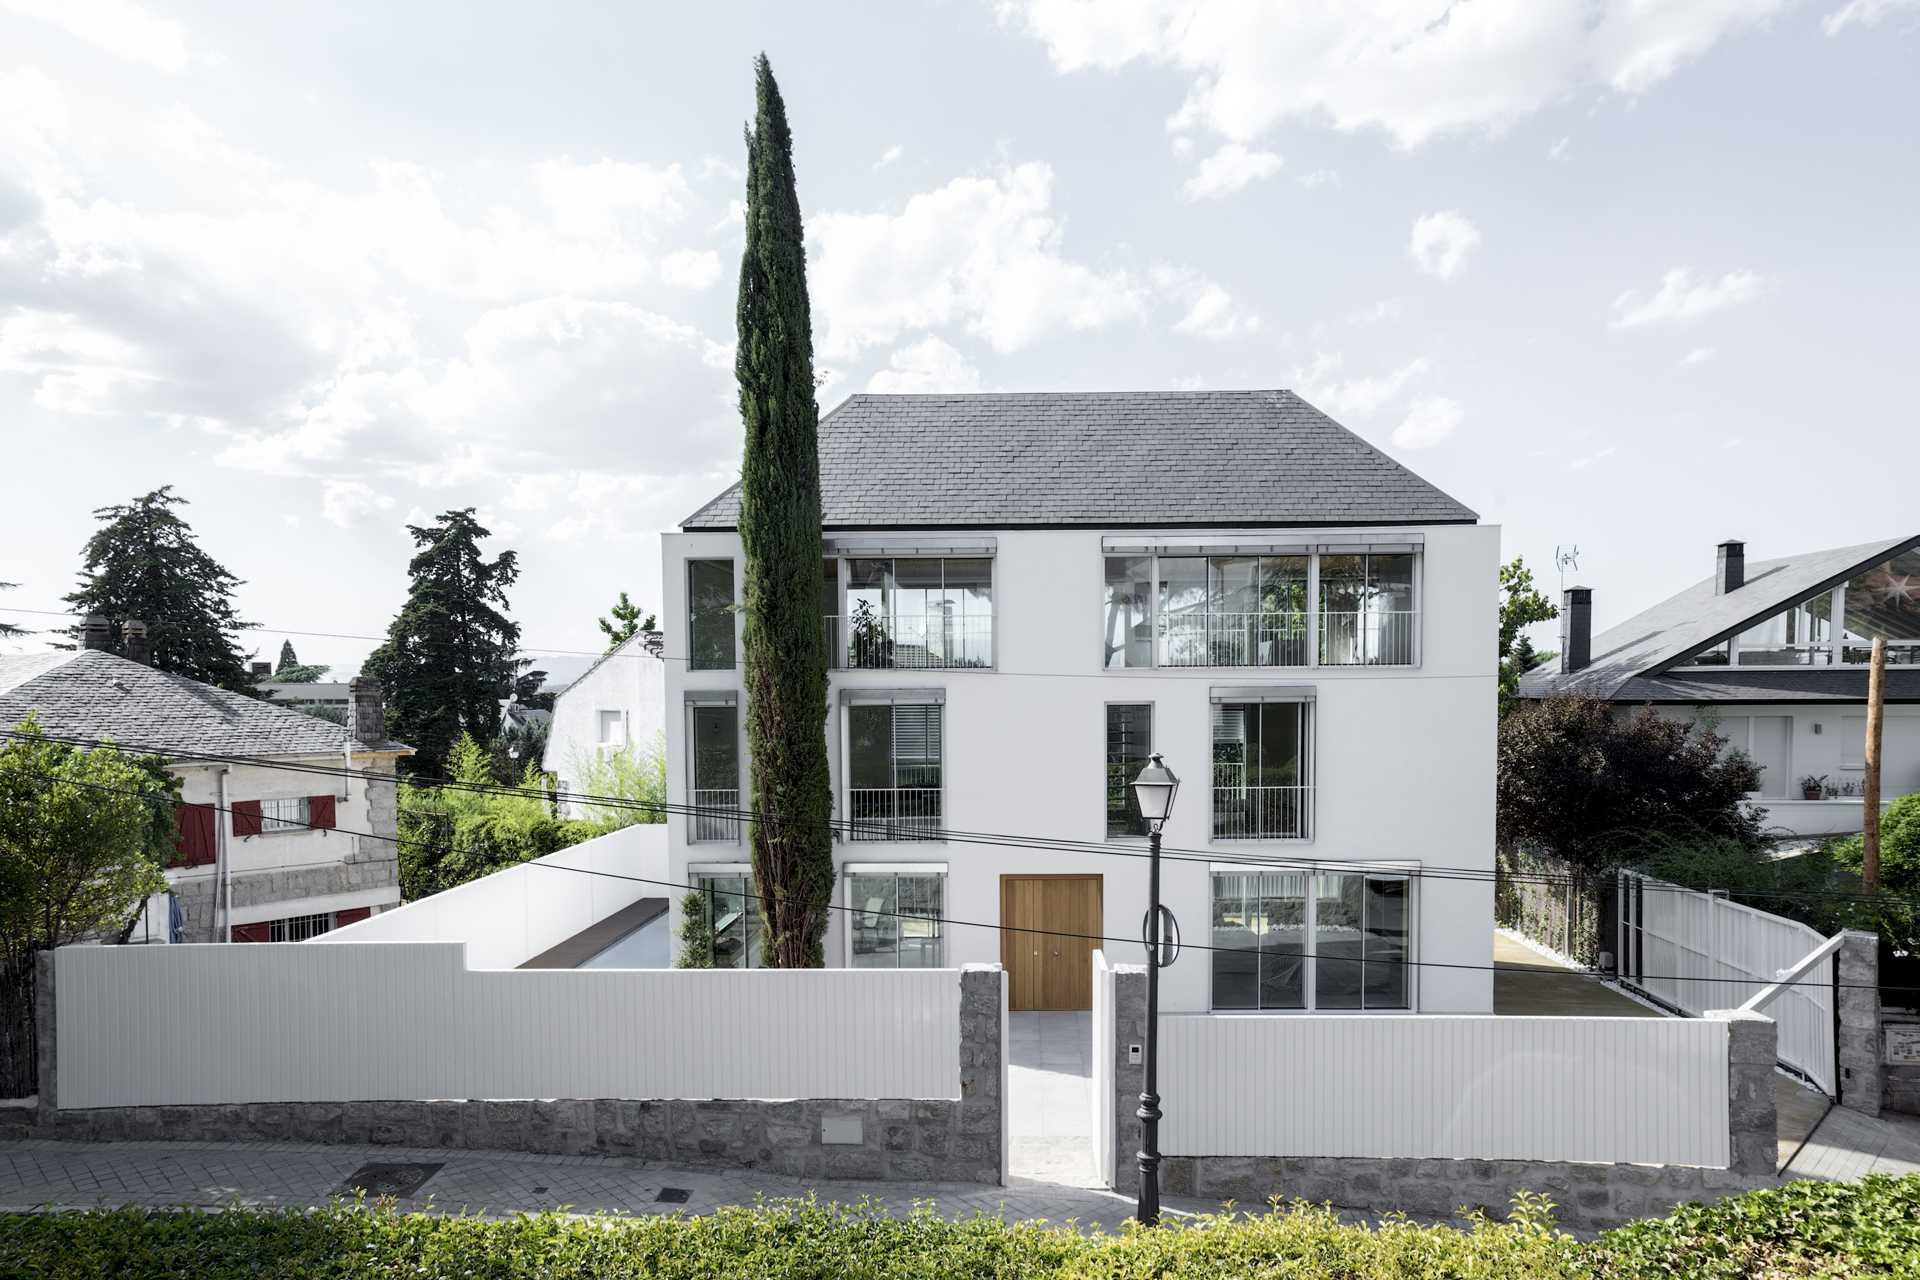 Casa Mirasierra, COAM Awards 2017  - 13 2 31